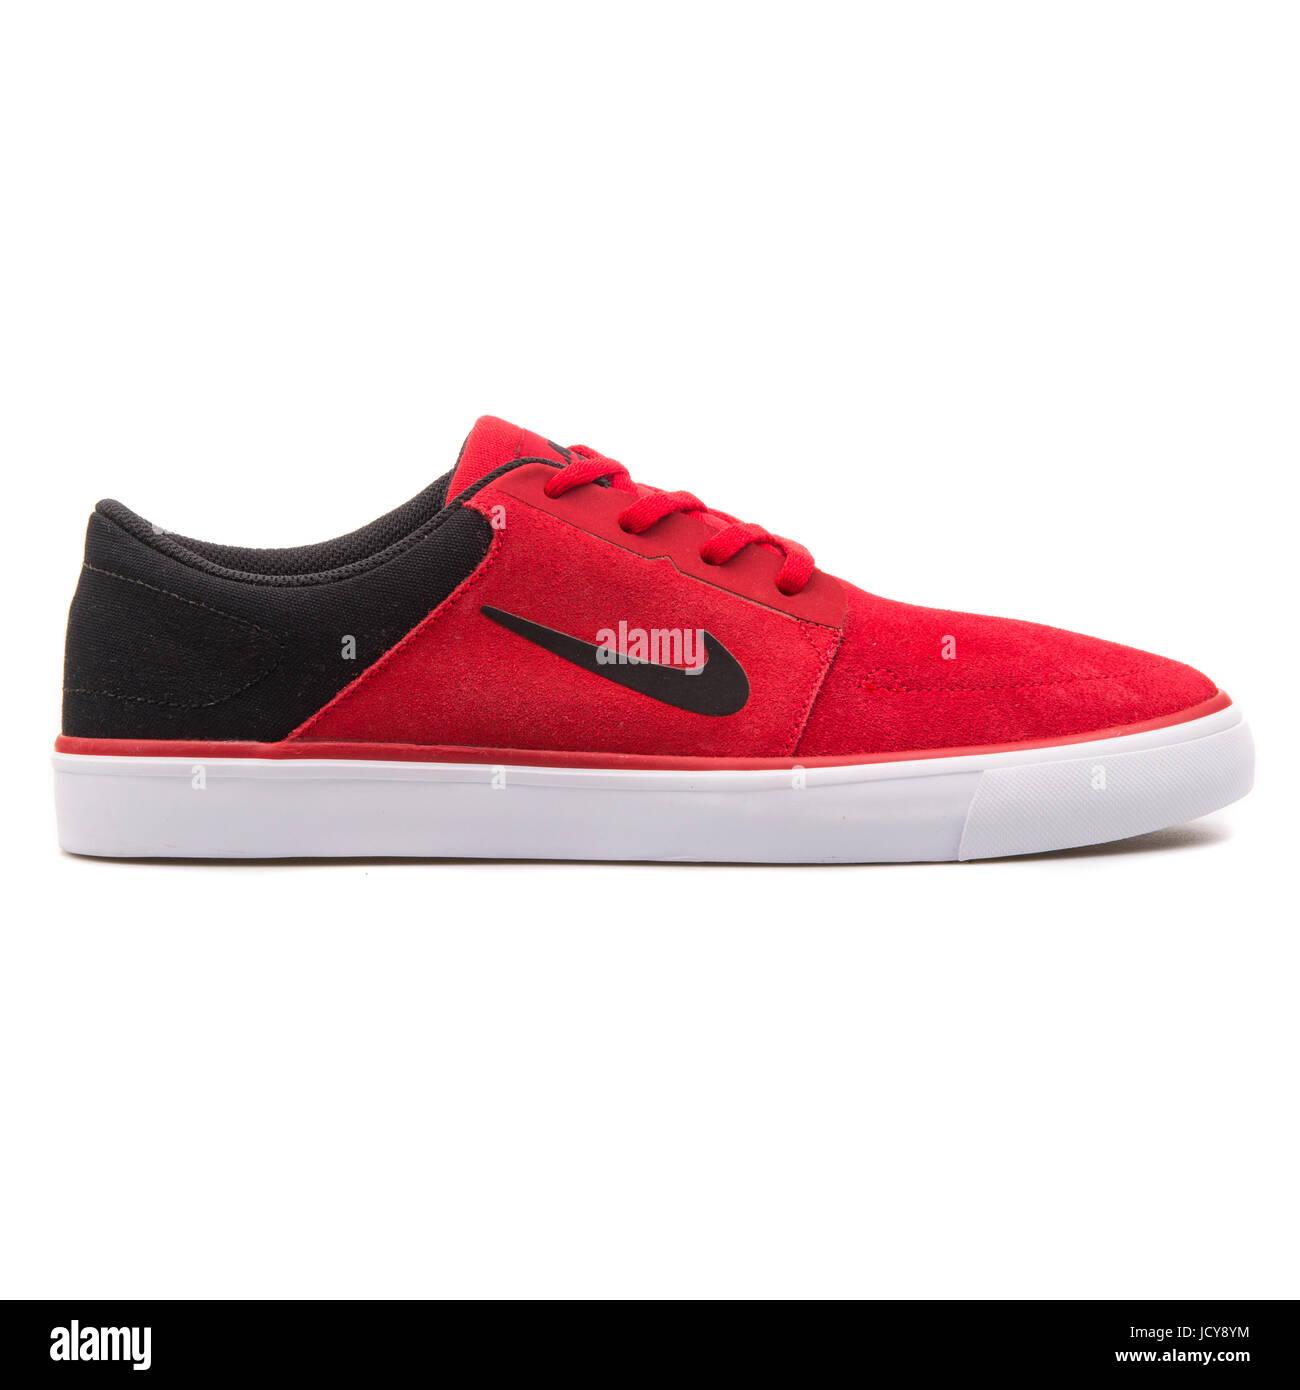 Nike SB Portmore Gimnasio en rojo, blanco y negro para